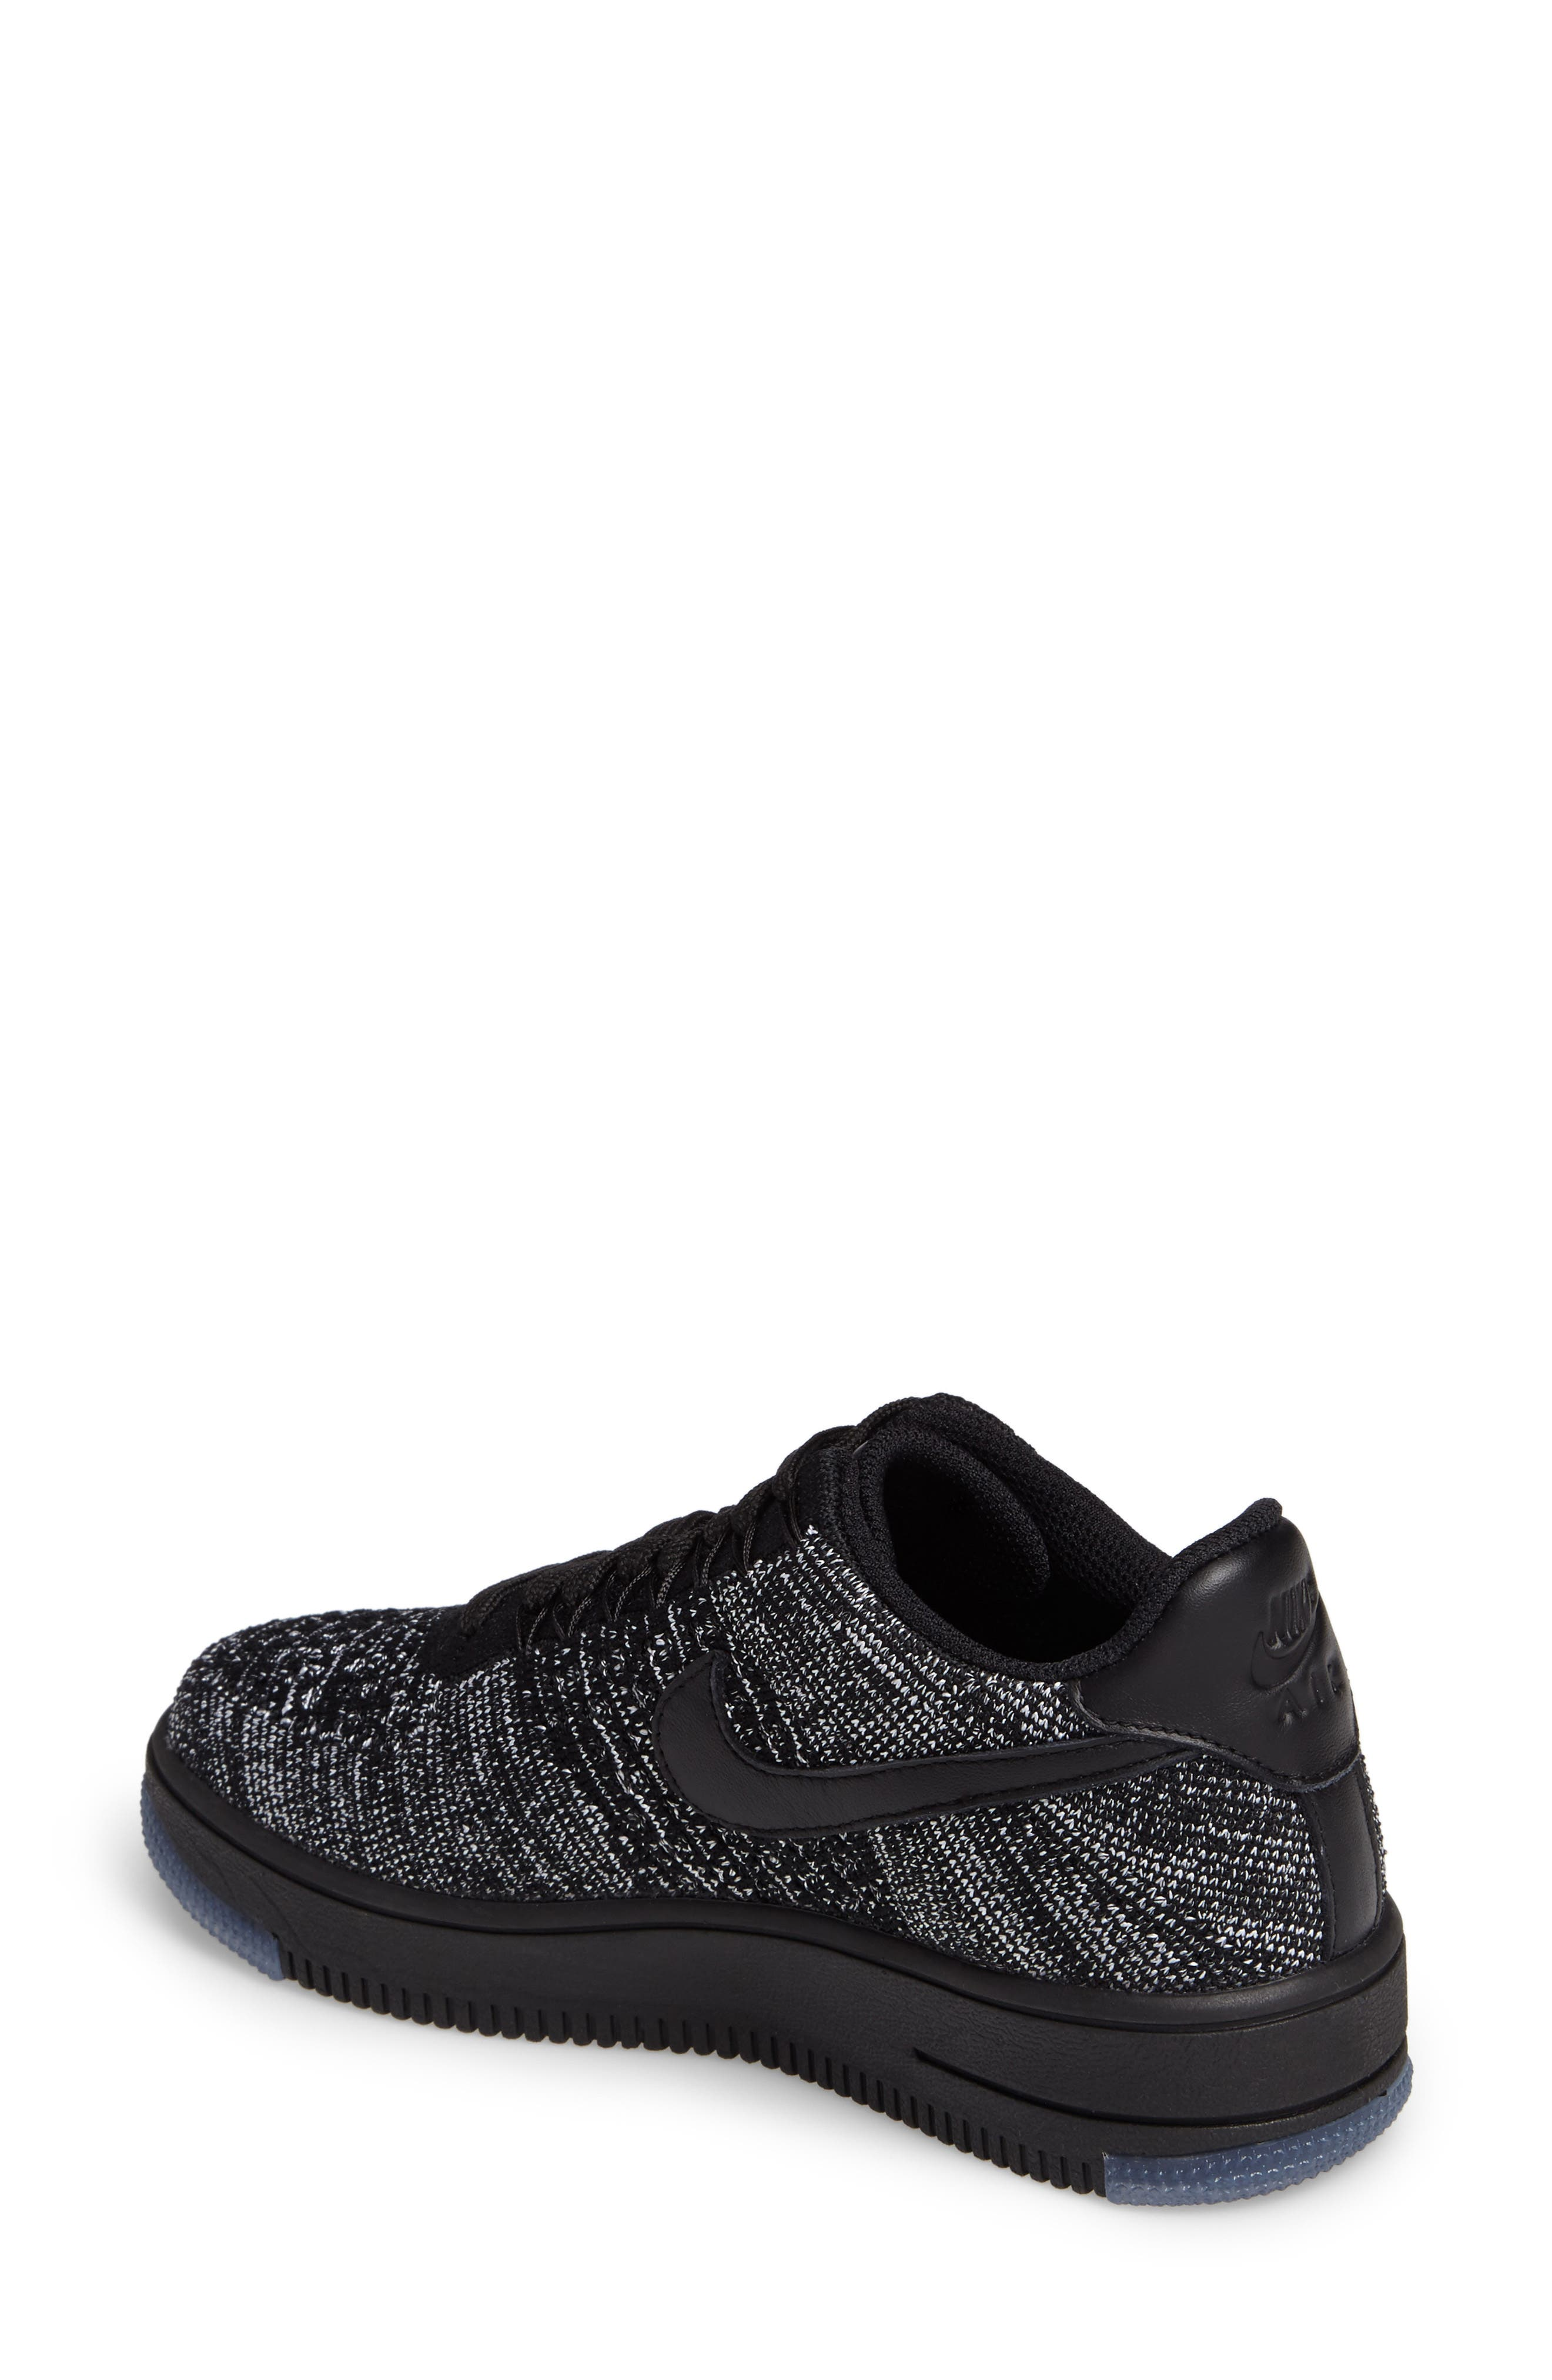 Alternate Image 2  - Nike 'Air Force 1 Flyknit Low' Sneaker (Women)